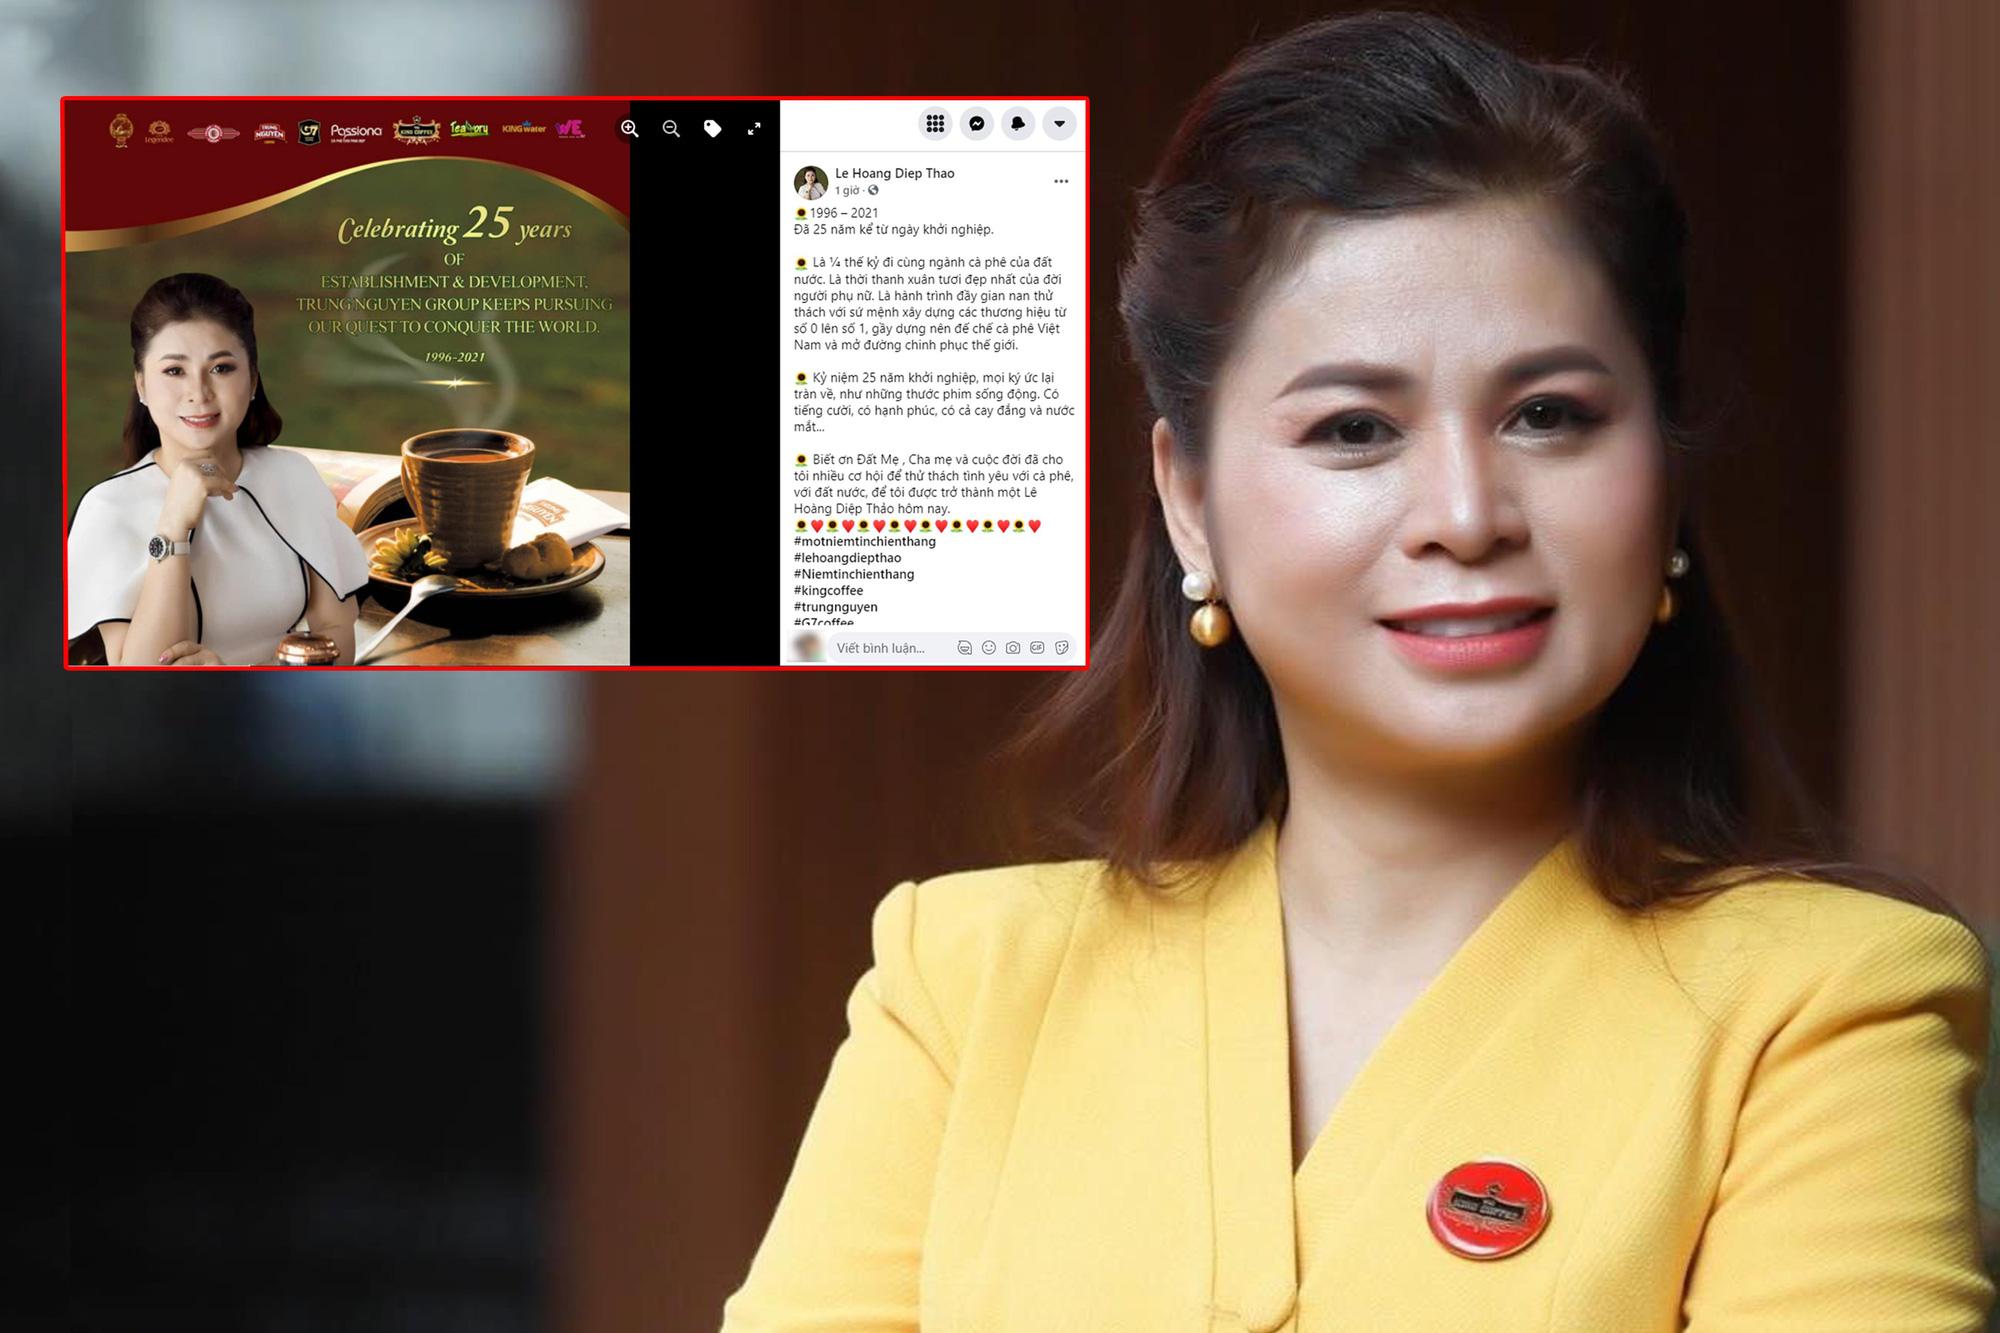 Bà Lê Hoàng Diệp Thảo đăng ảnh kỷ niệm 25 năm khởi nghiệp Trung Nguyên: Thời thanh xuân tươi đẹp nhất của người phụ nữ